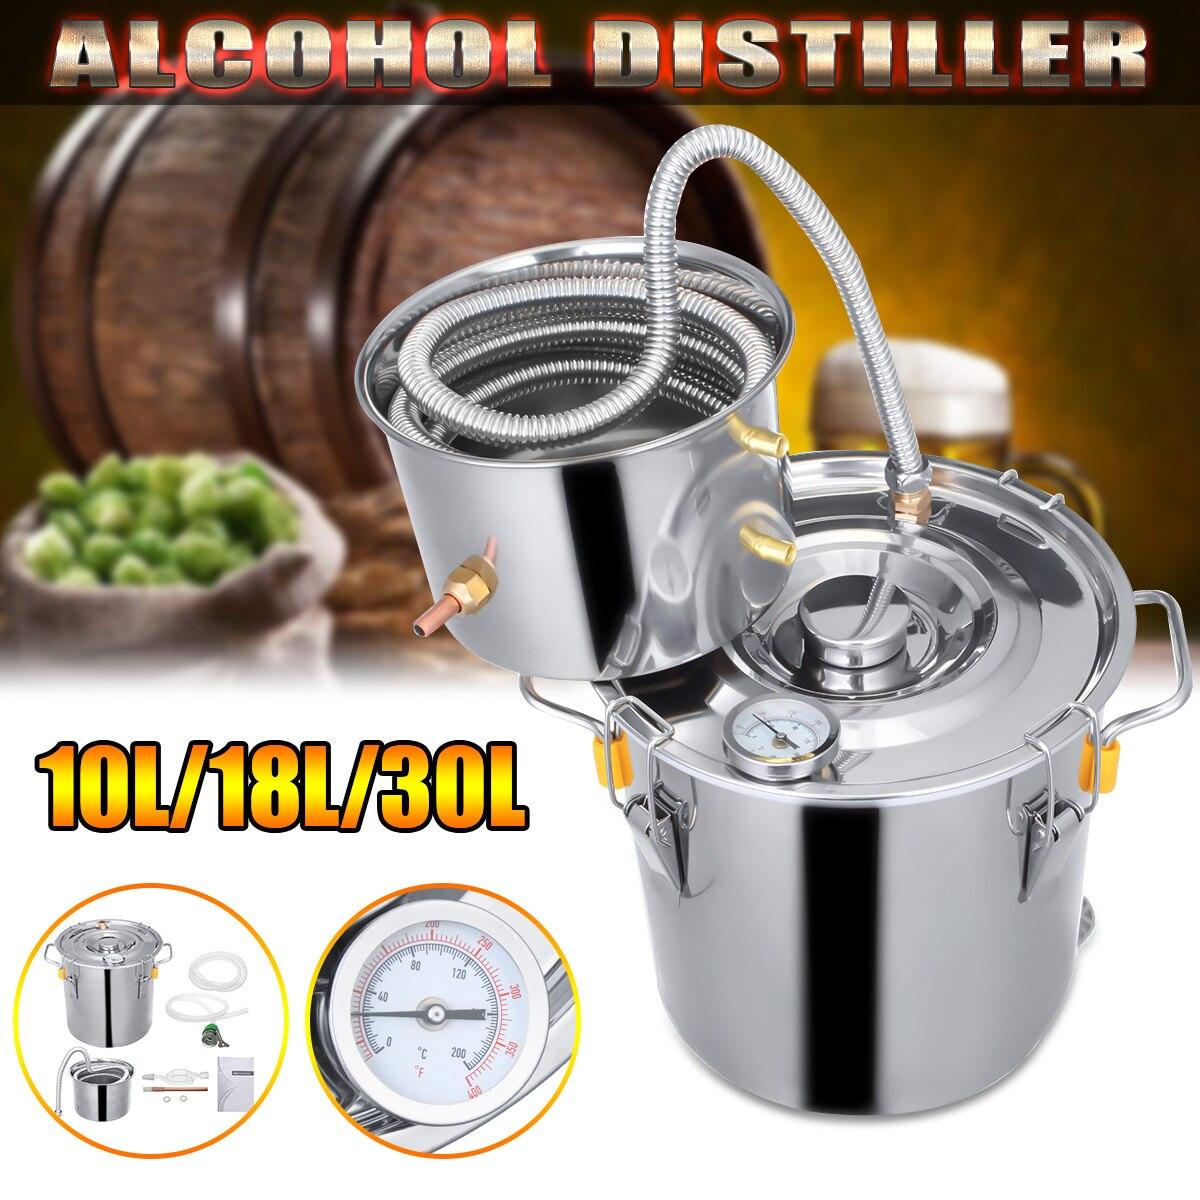 10L/18L/30L vin bière alcool distillateur Moonshine alcool maison bricolage Kit de brassage maison distillateur inoxydable distillateur équipement